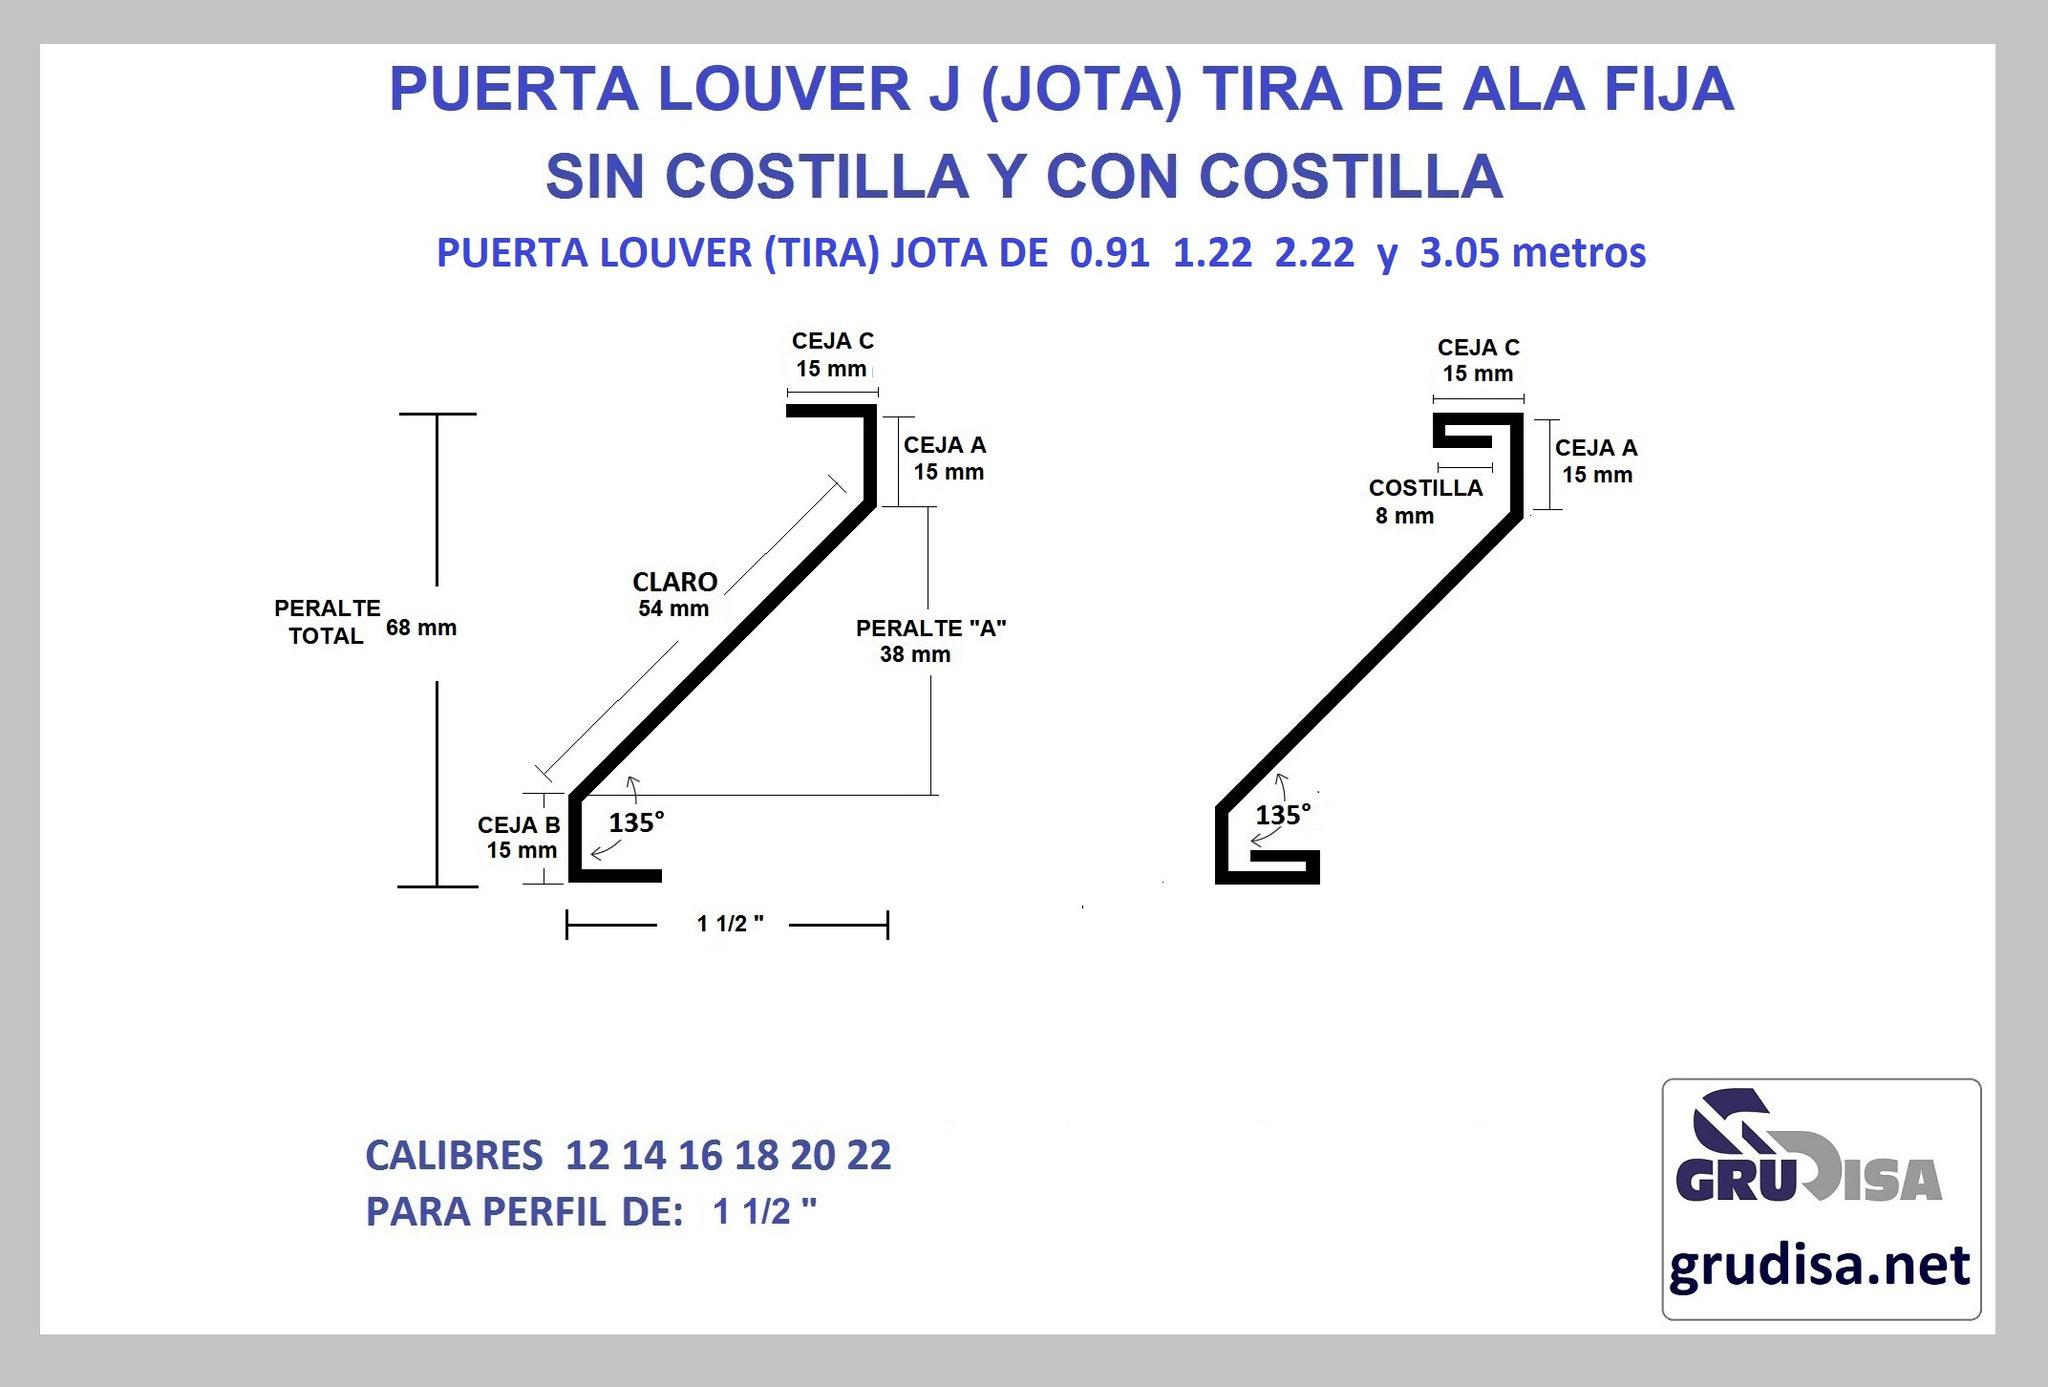 """PUERTA LOUVER (TIRA) J JOTA PARA PERFIL DE 1 1/2"""" CON Y SIN COSTILLA LARGOS DE 0.91  1.22  2.44  y 3.05m"""